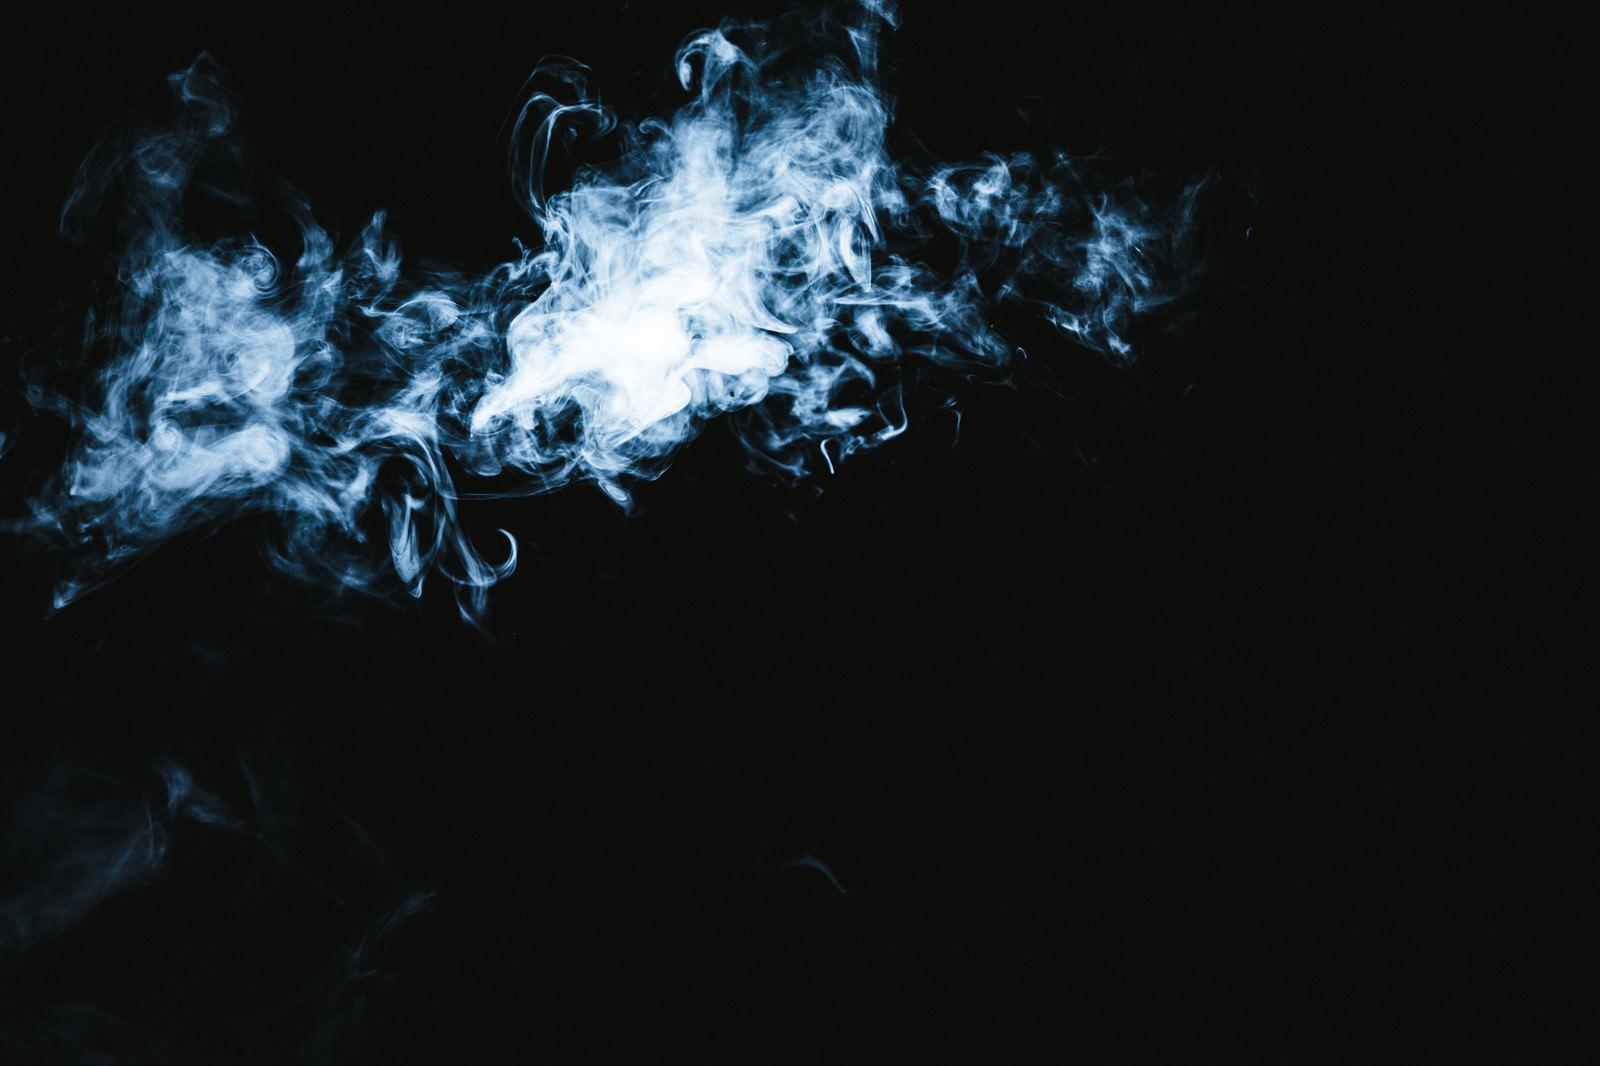 「亡者の悲鳴が聞こえてきそうな煙の形」の写真